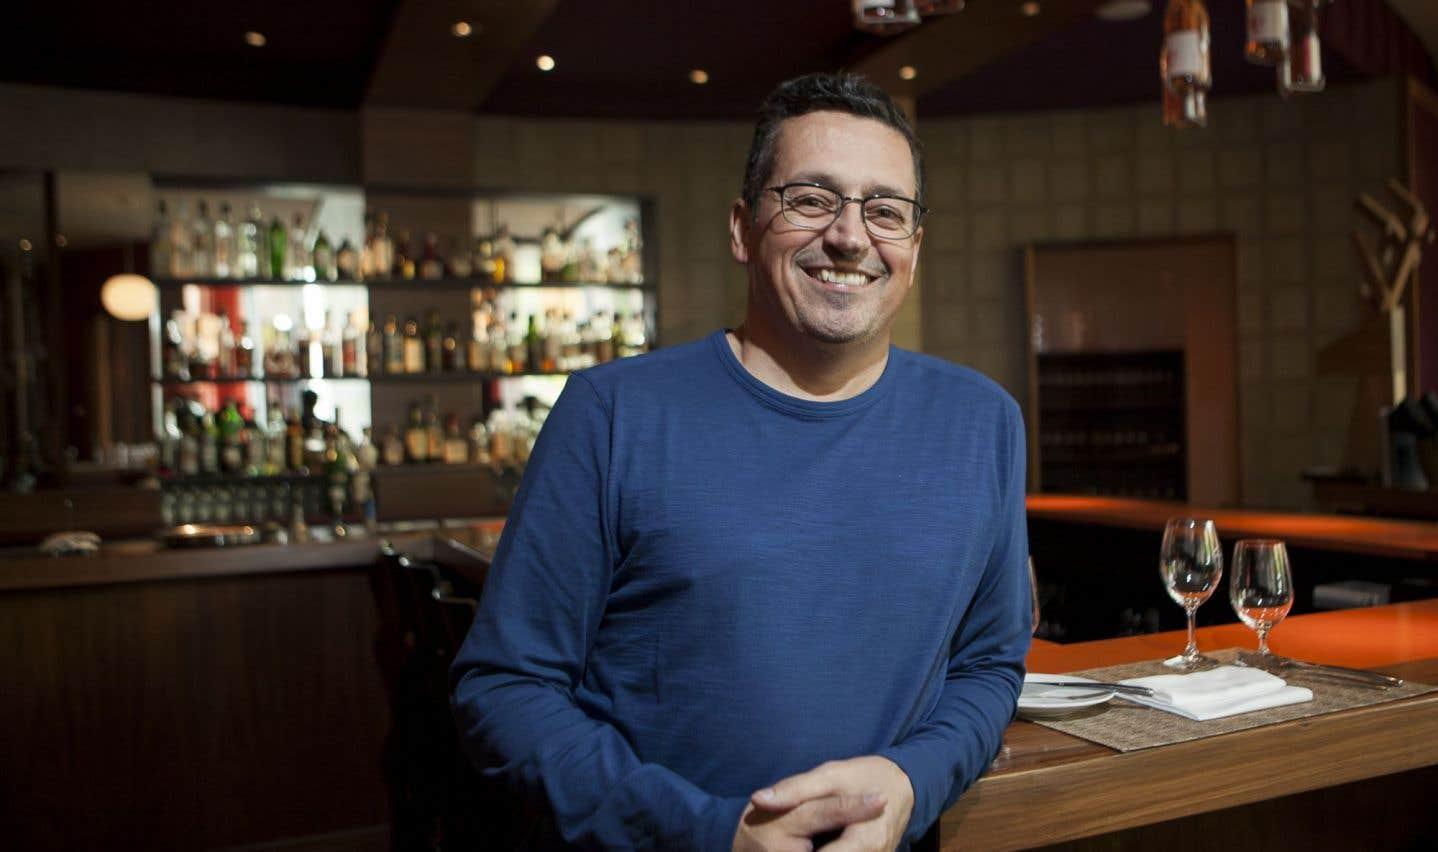 Après avoir été élu meilleur restaurant canadien en 2016, Le Toqué du chef Normand Lapriseglisse en deuxième position du palmarès de 2017.